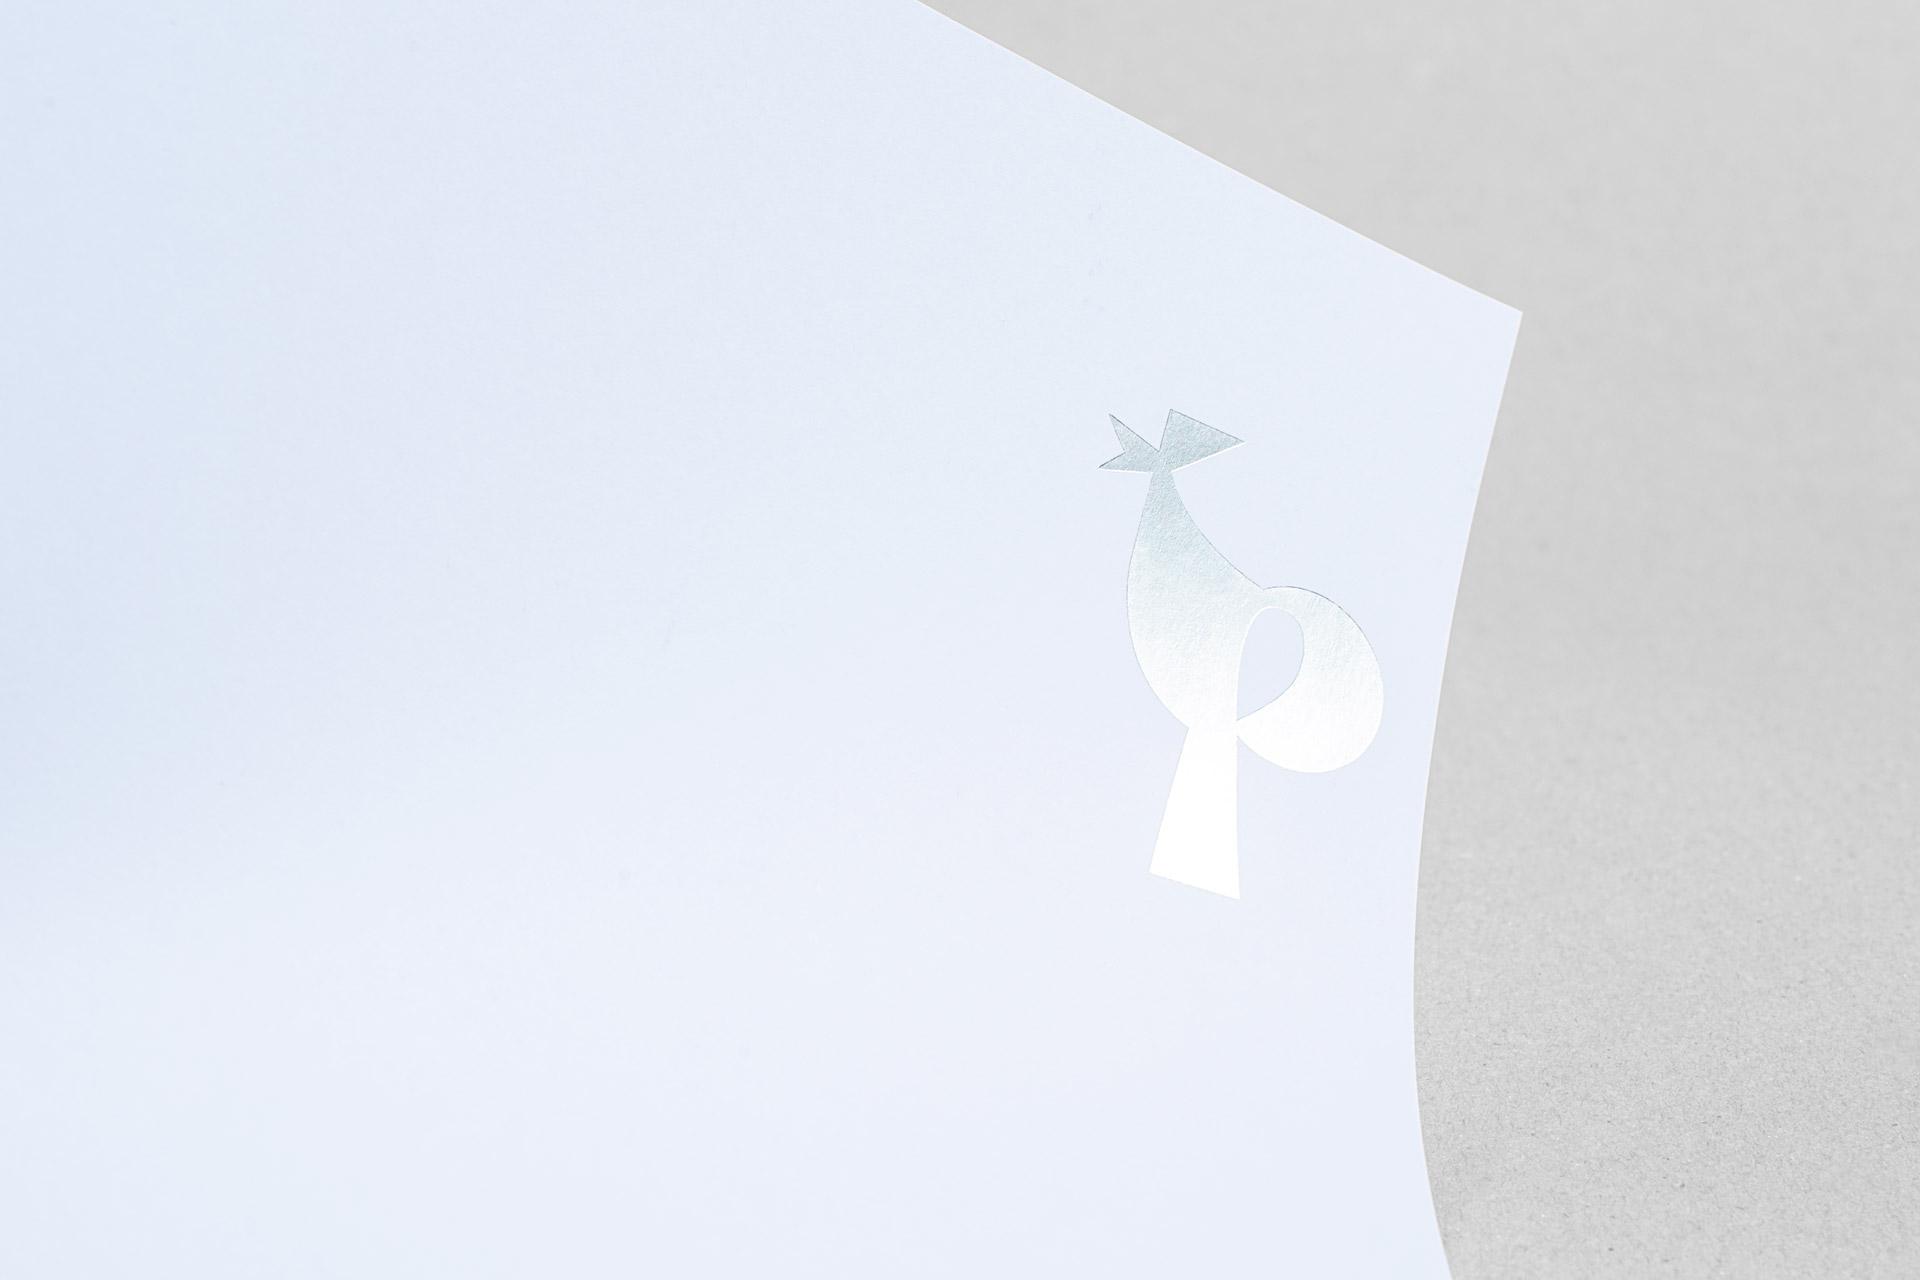 stiftung-corporate-design Briefbogen